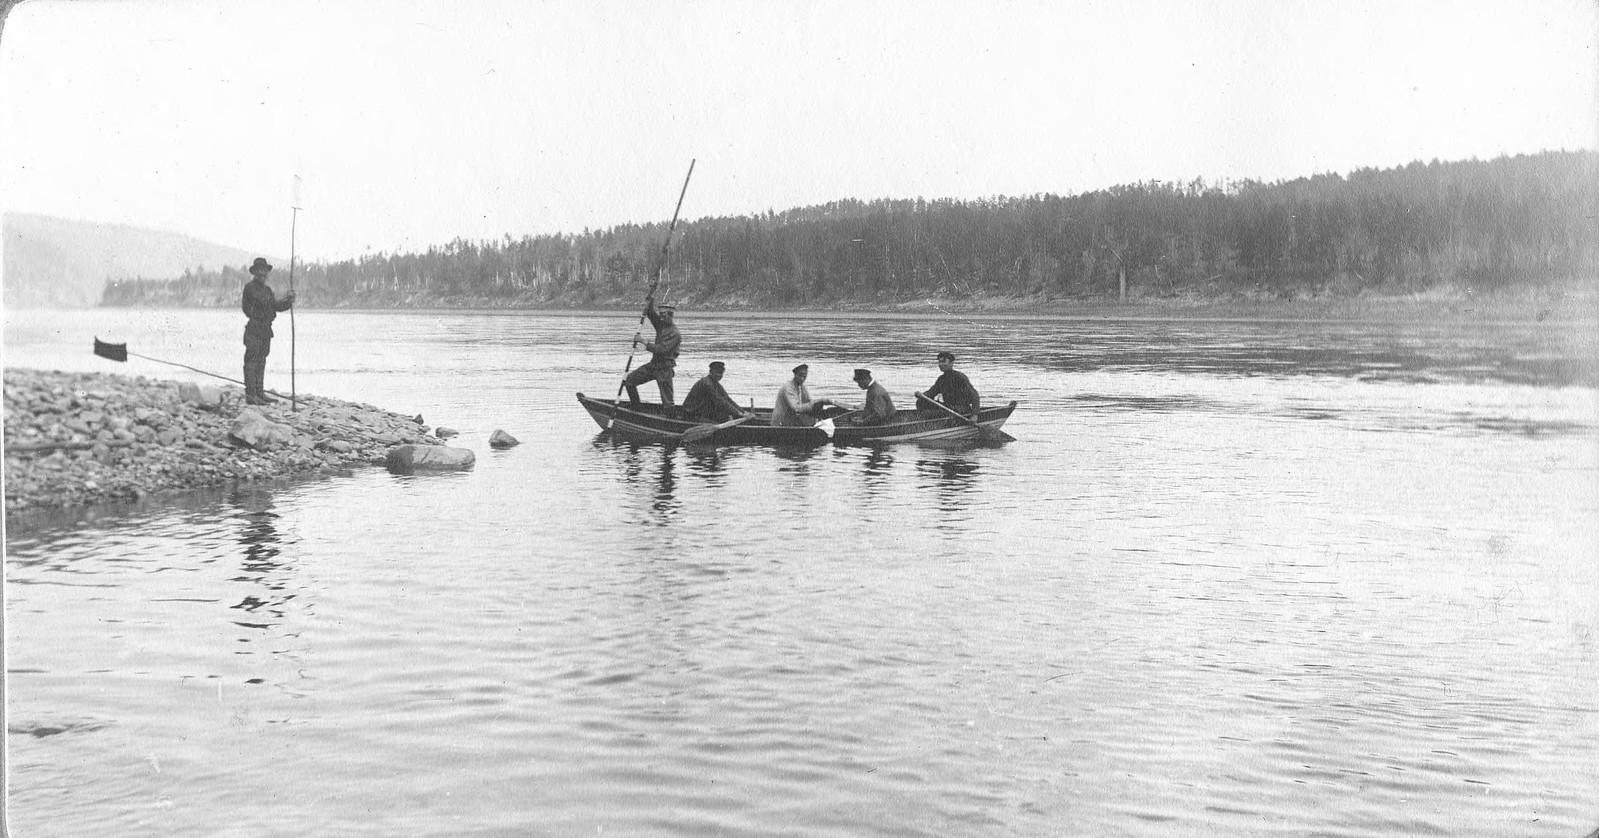 Момент проведения промеров глубины реки с лодки.